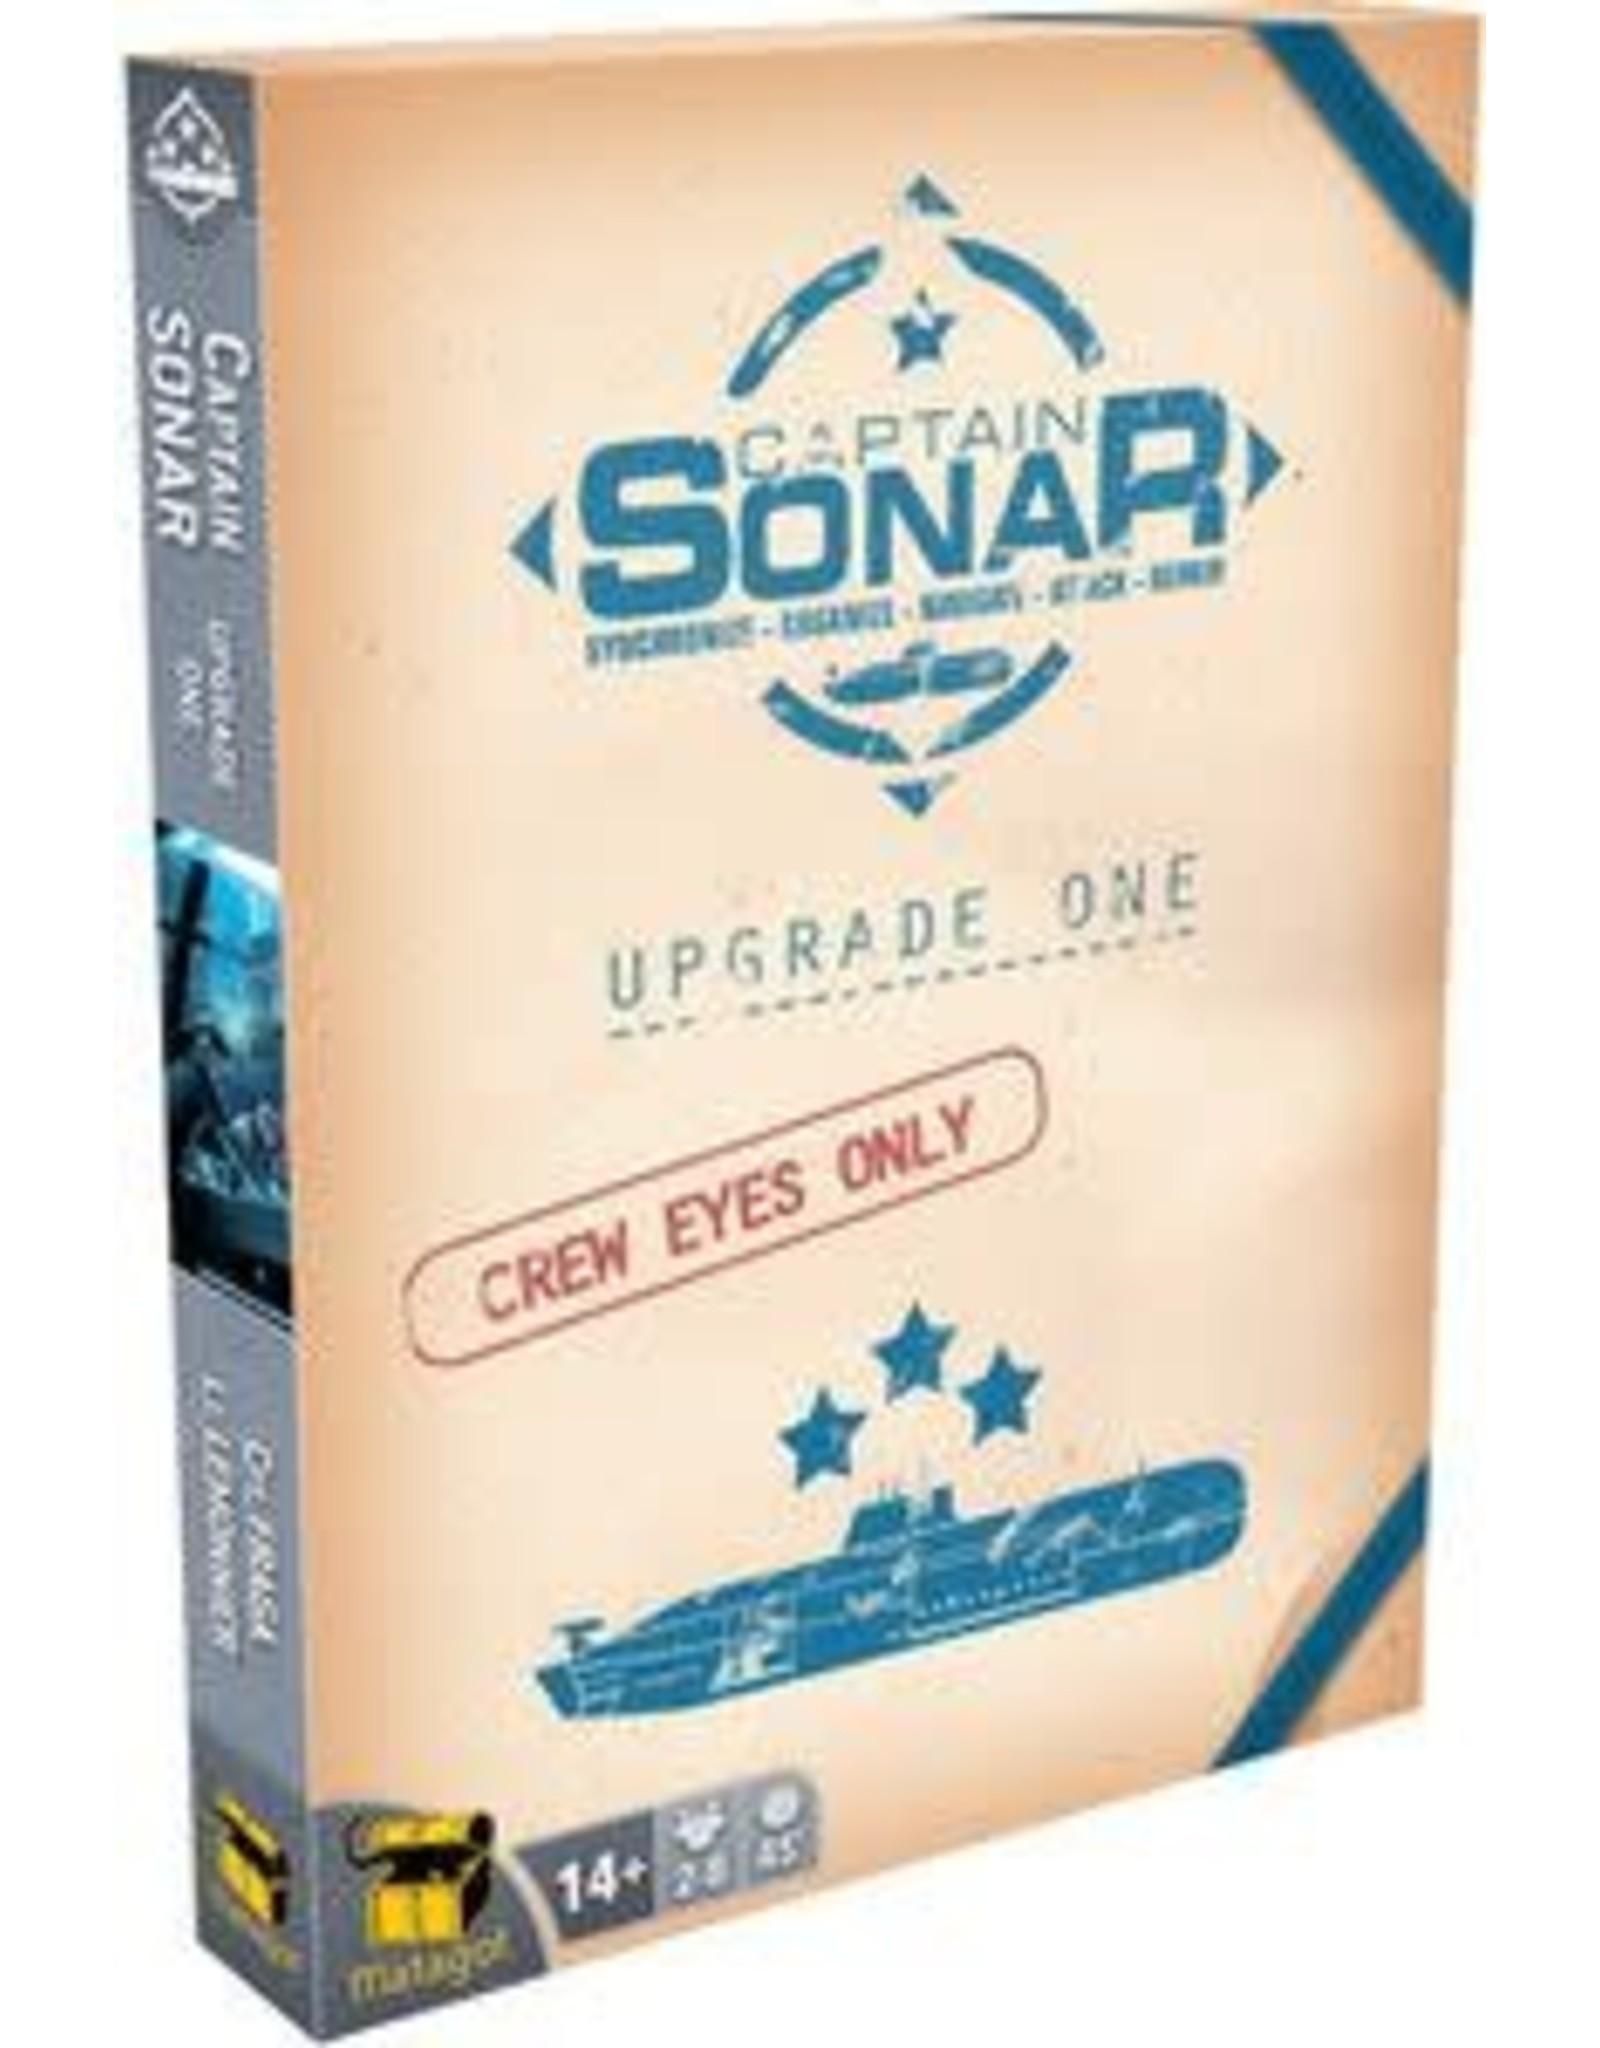 Matagot Captain Sonar - Extension Upgrade One